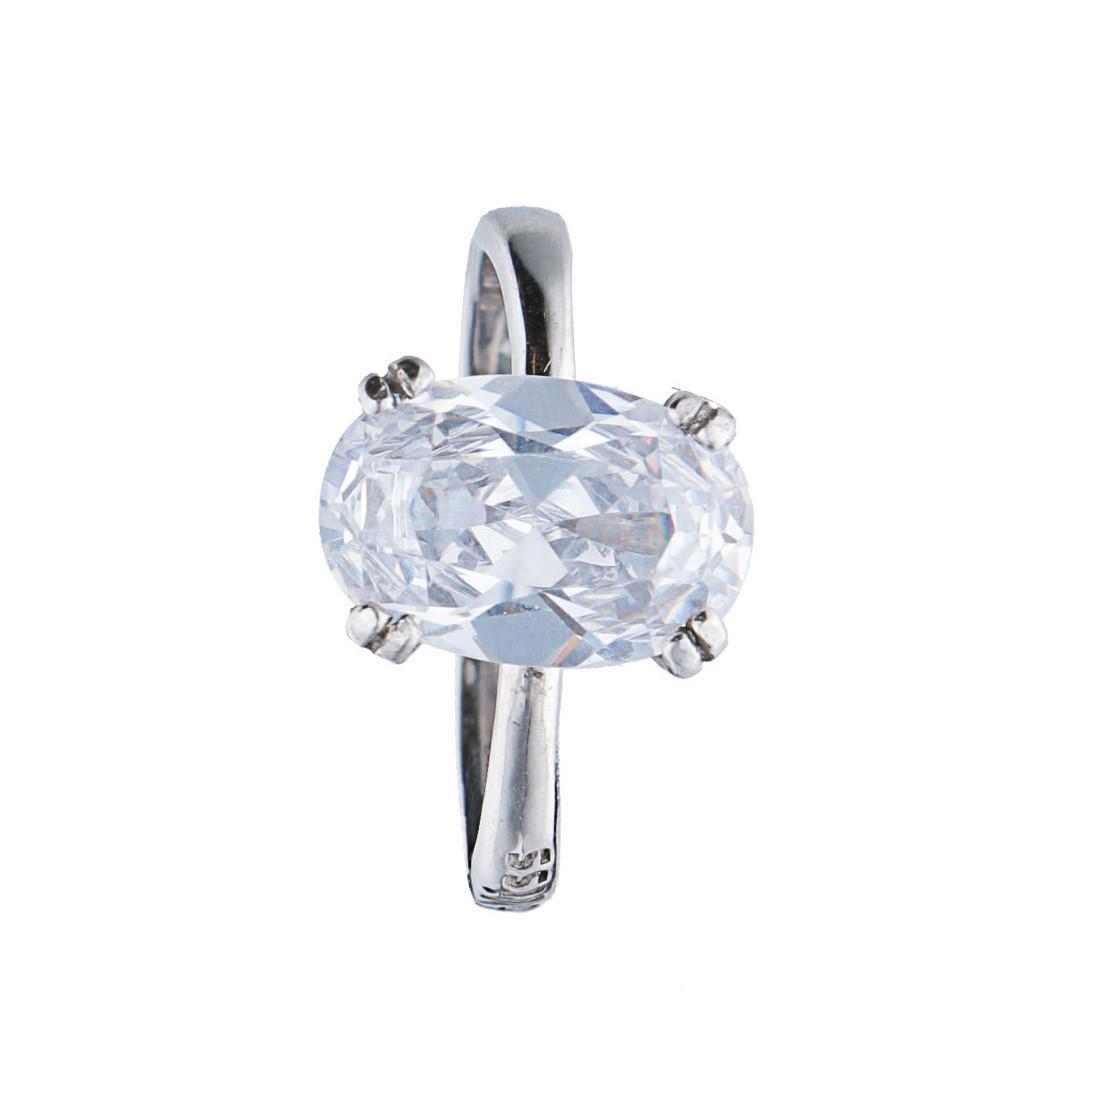 Anello in argento con pietra bianca mis 15 - BLISS